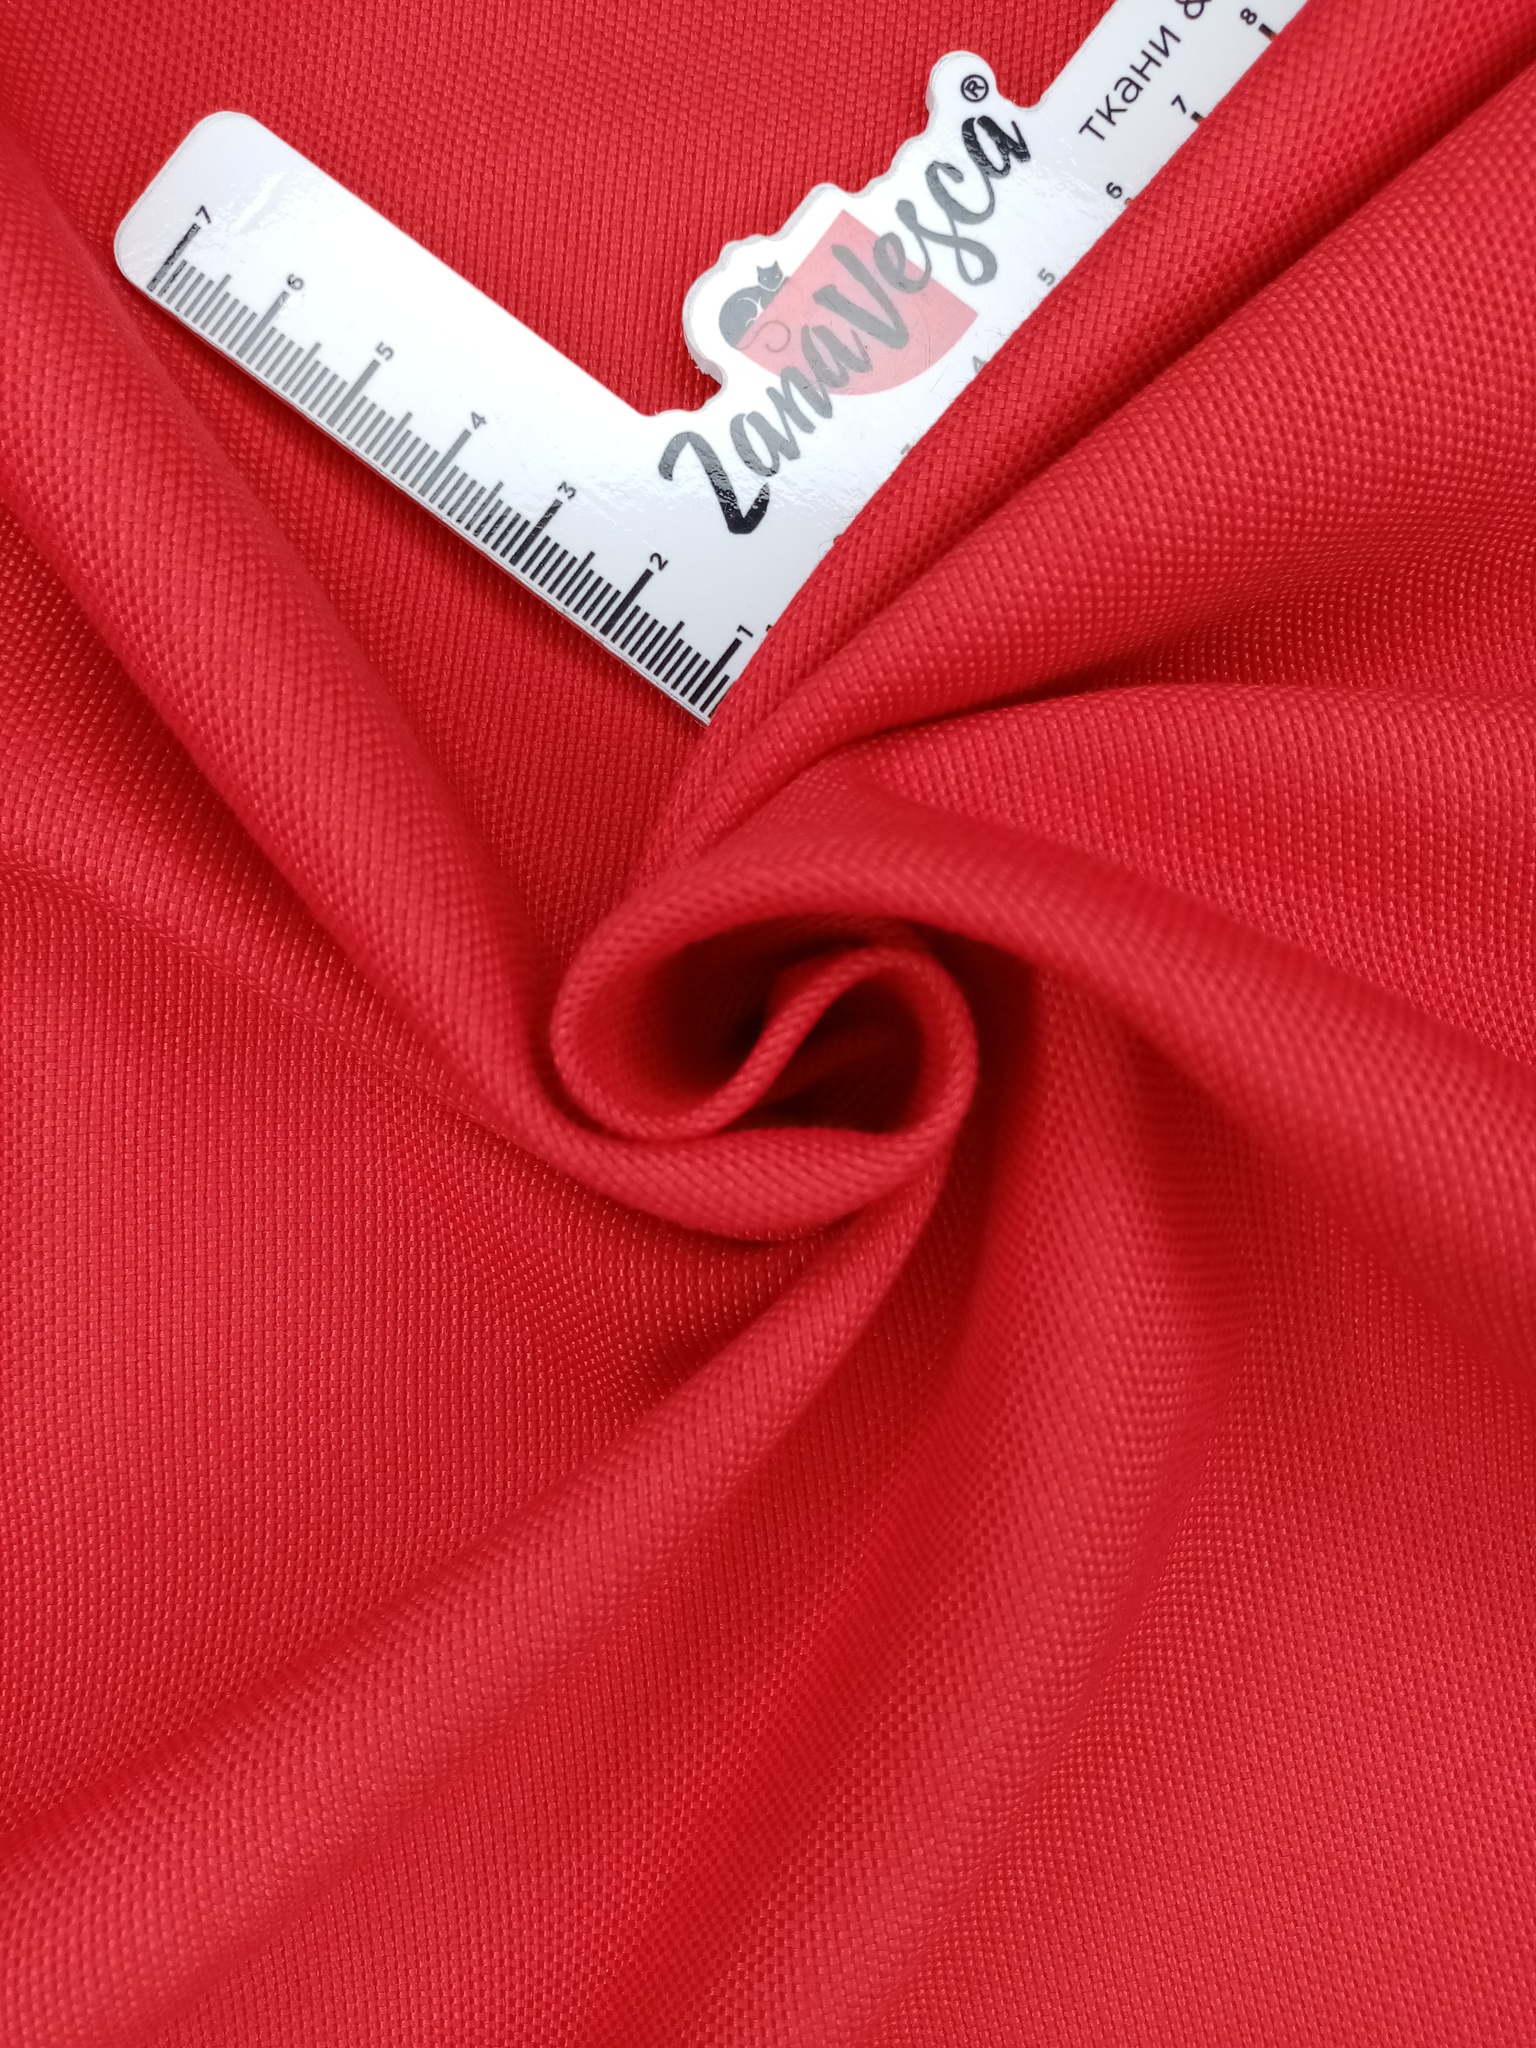 Ткань duck с тефлоновой пропиткой Красный